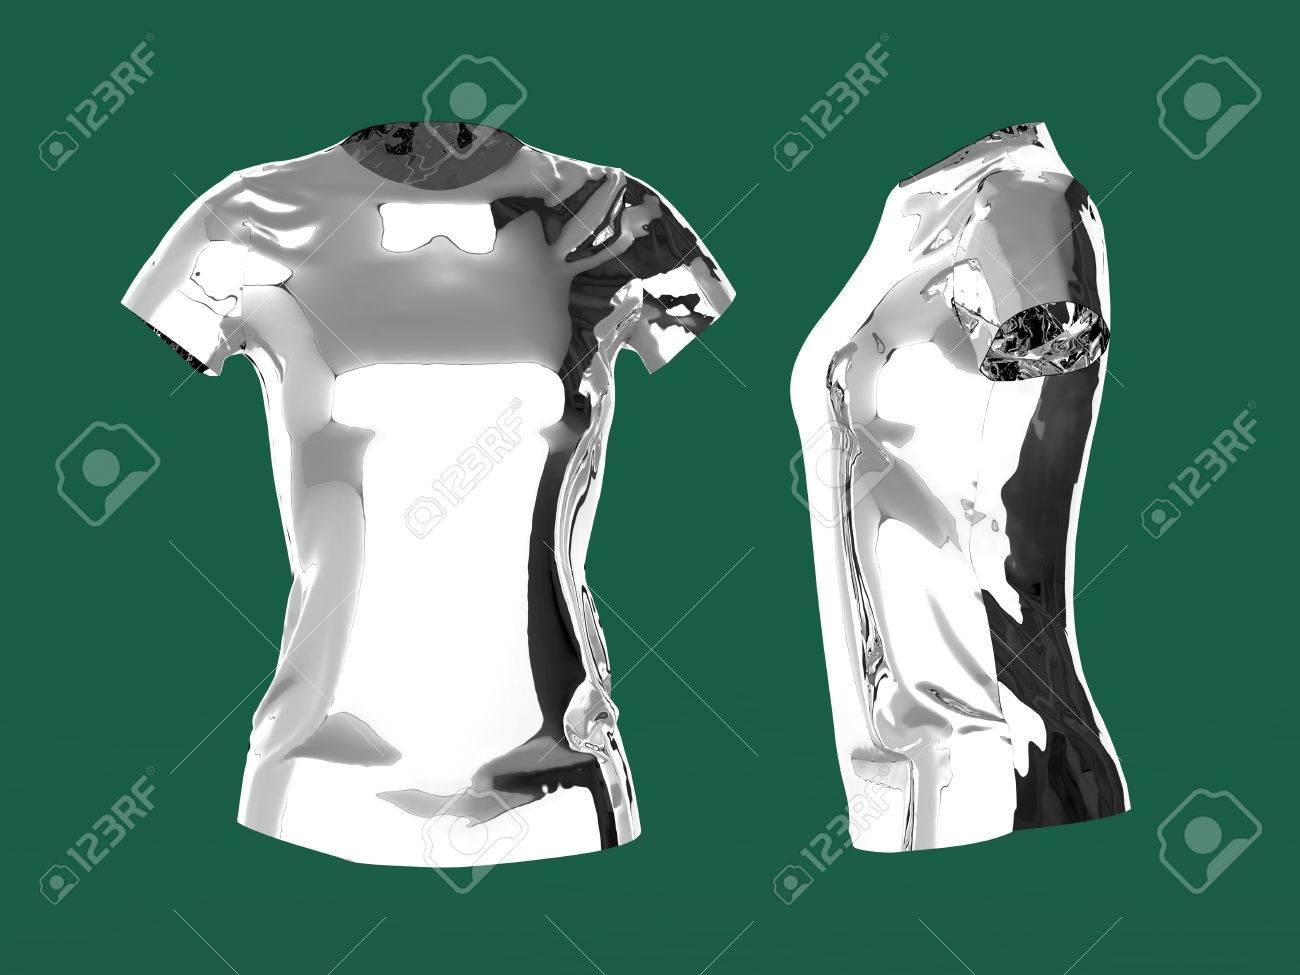 Silber Leere Frauen T-Shirt-Vorlage 3D Render.Promo Mädchen Uniform ...